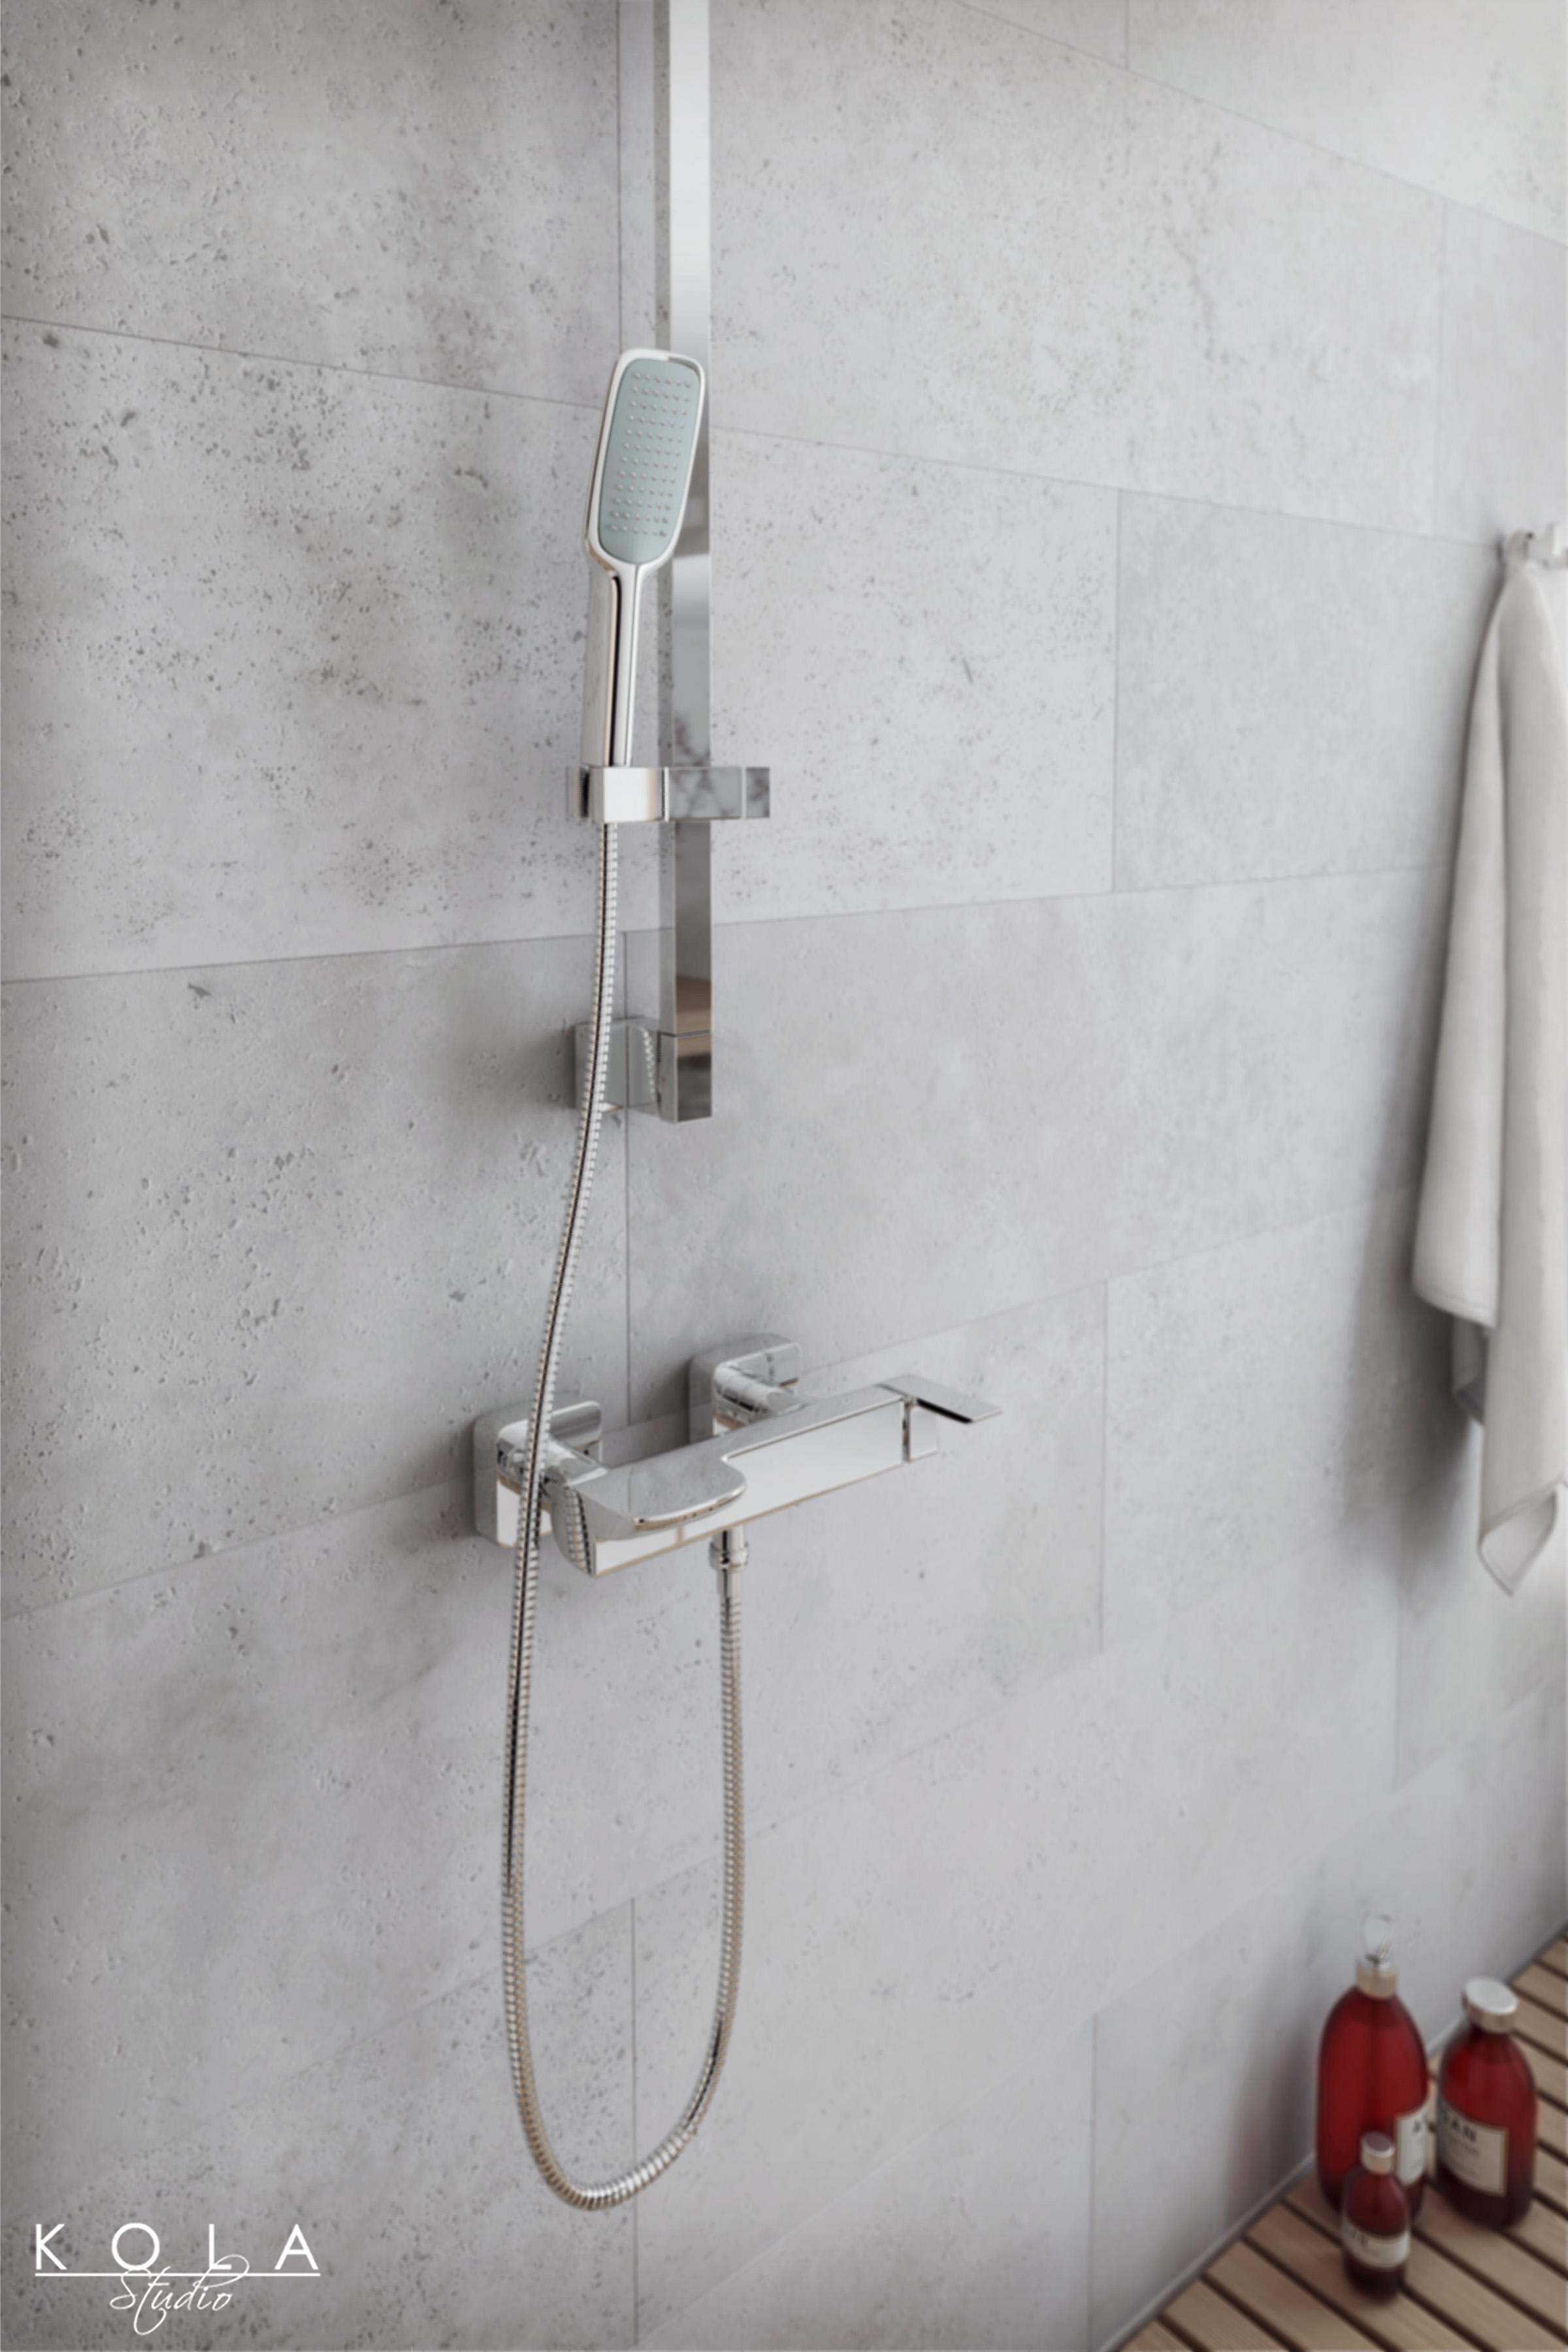 bath fixtures freelancers 3d 17 best images about bath fixtures on pinterest shower